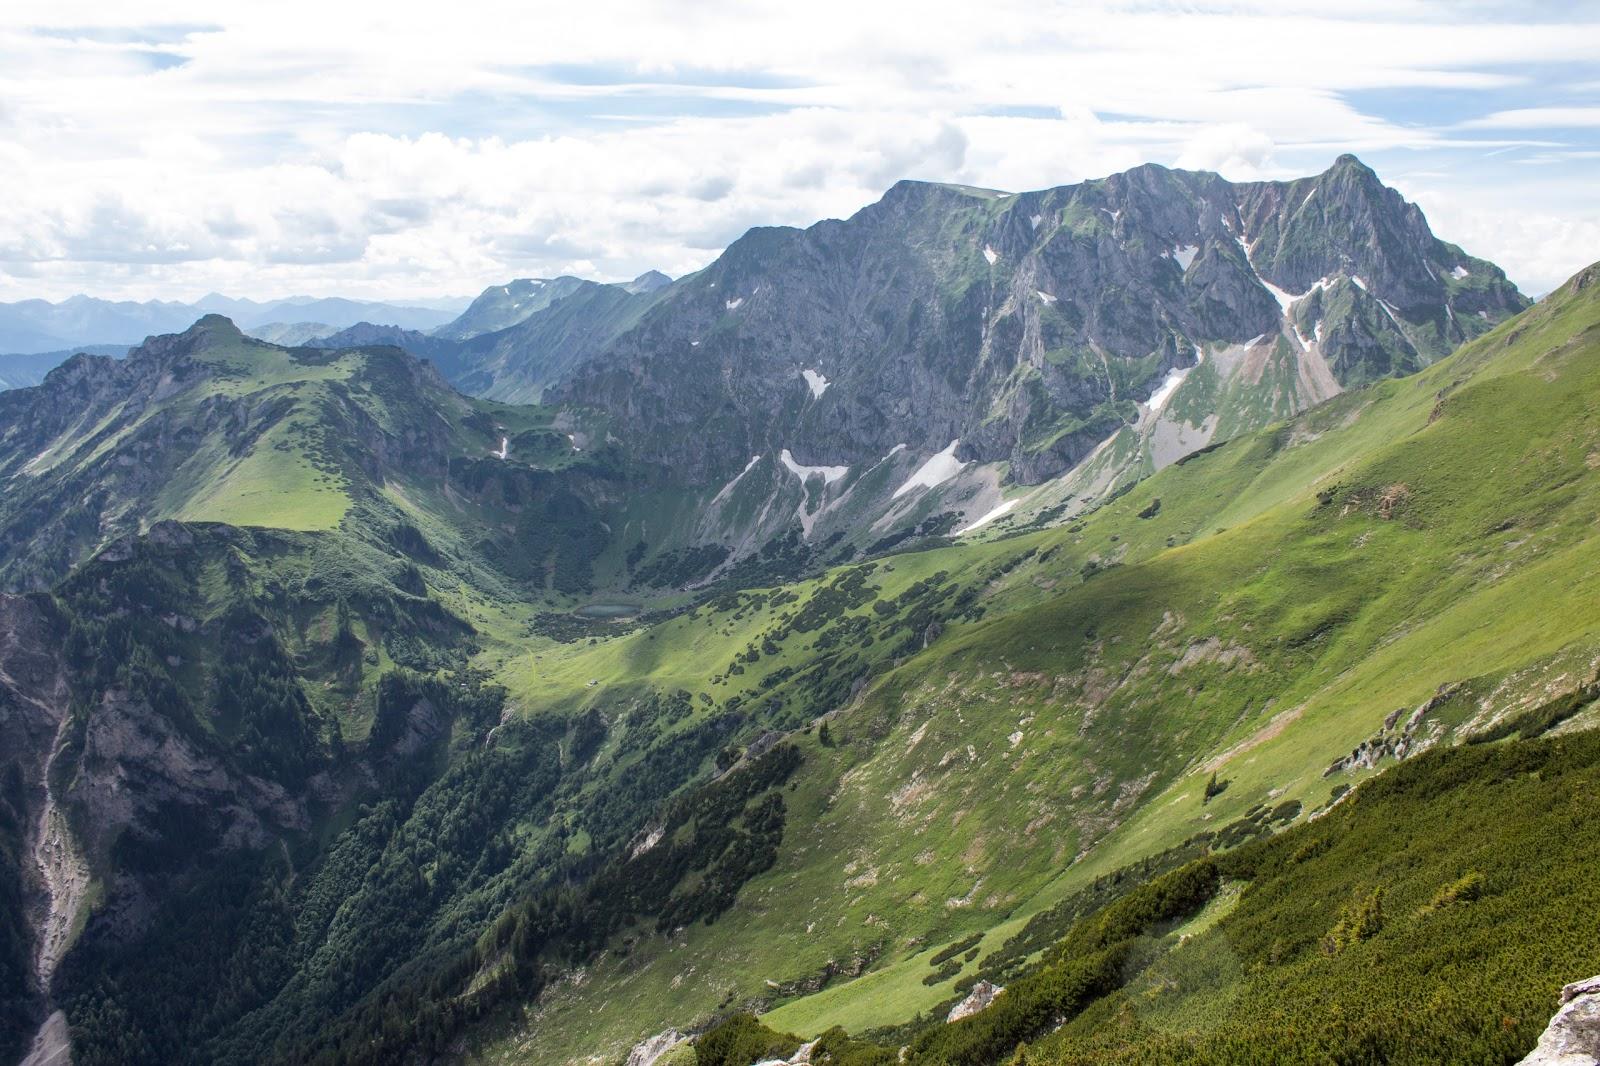 Zweitätige Rundwanderung von der Hirnalm über den Grete Klinger Steig zum Reichenstein und über Krumpenhals und Krumpensee wieder zurück zur Hirnalm - Blick auf Reichenstein